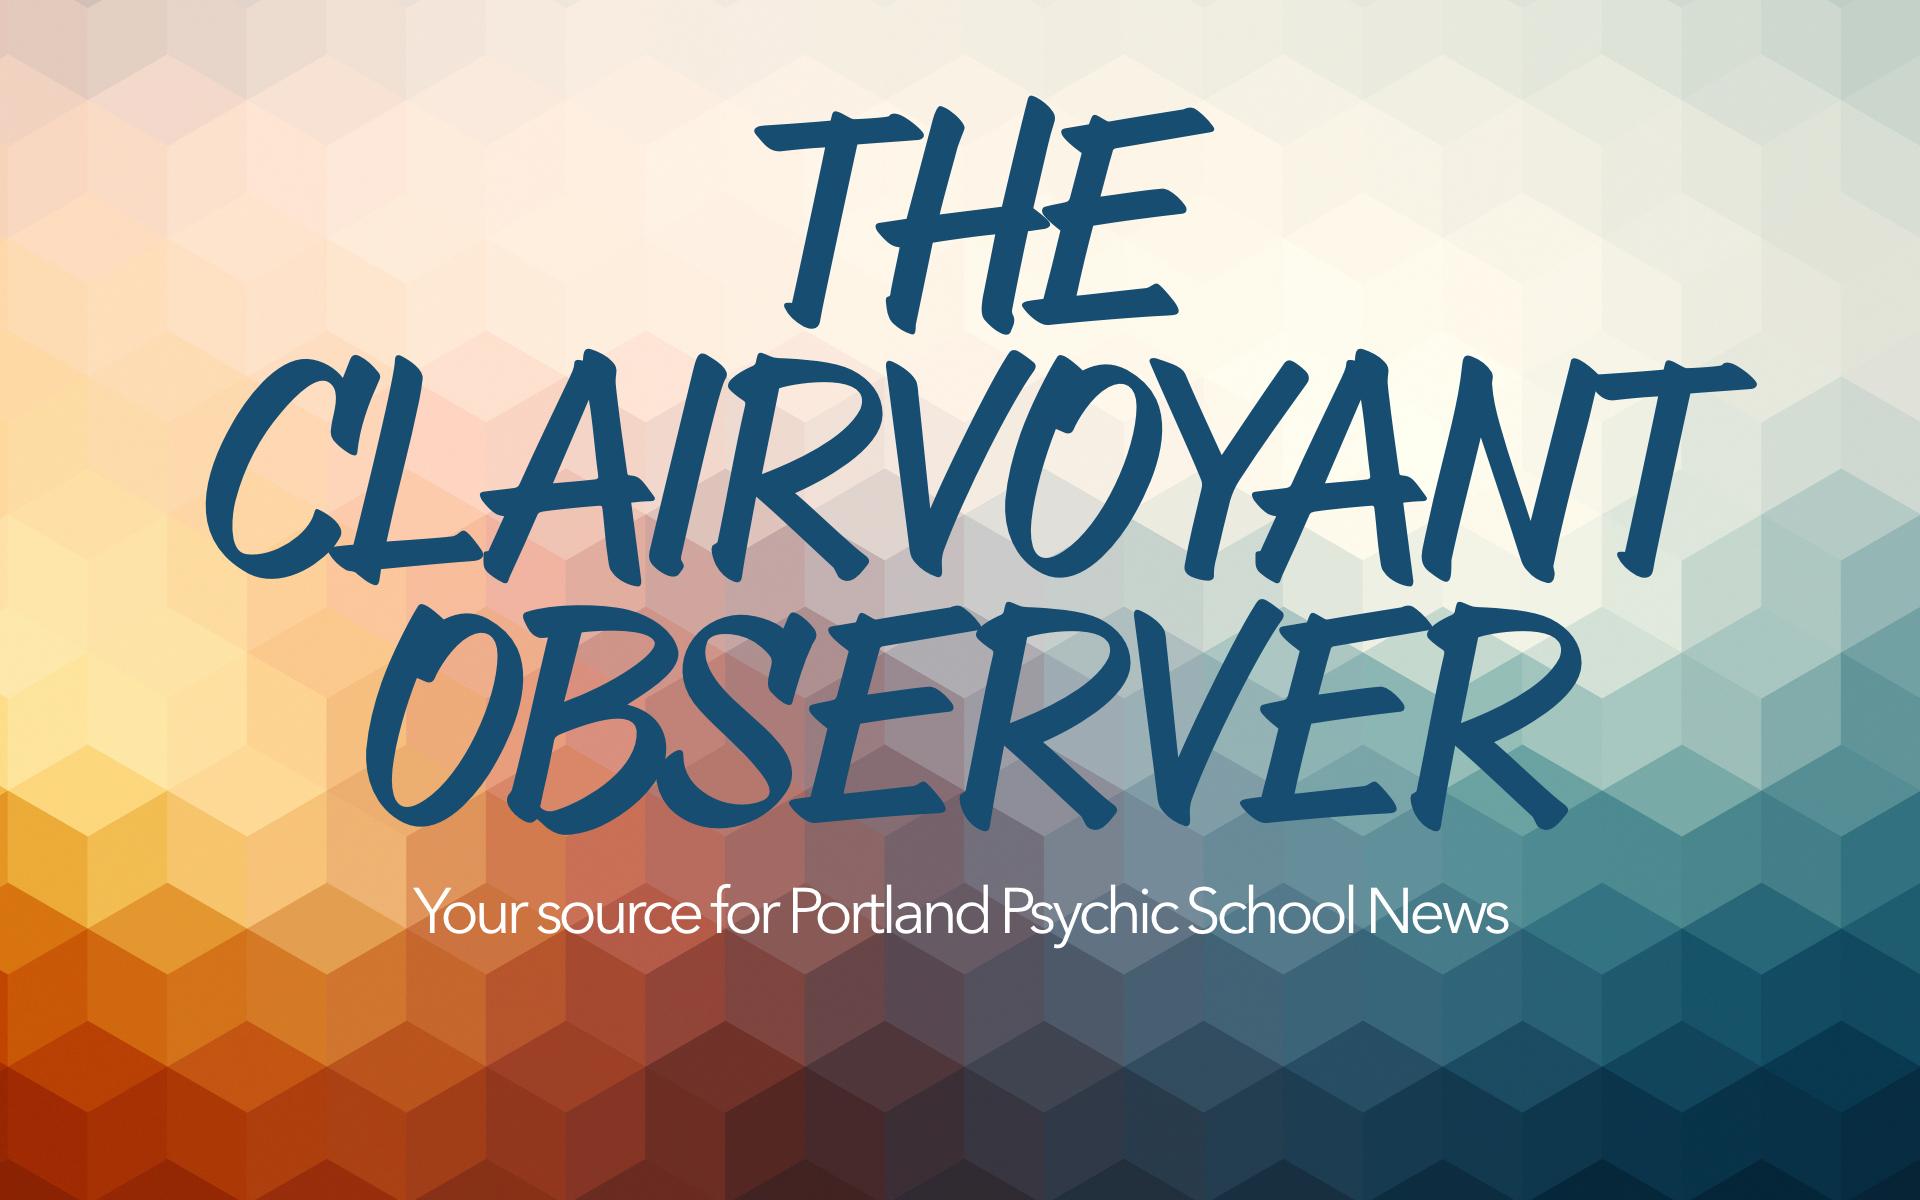 New Observer - June 2019.jpg